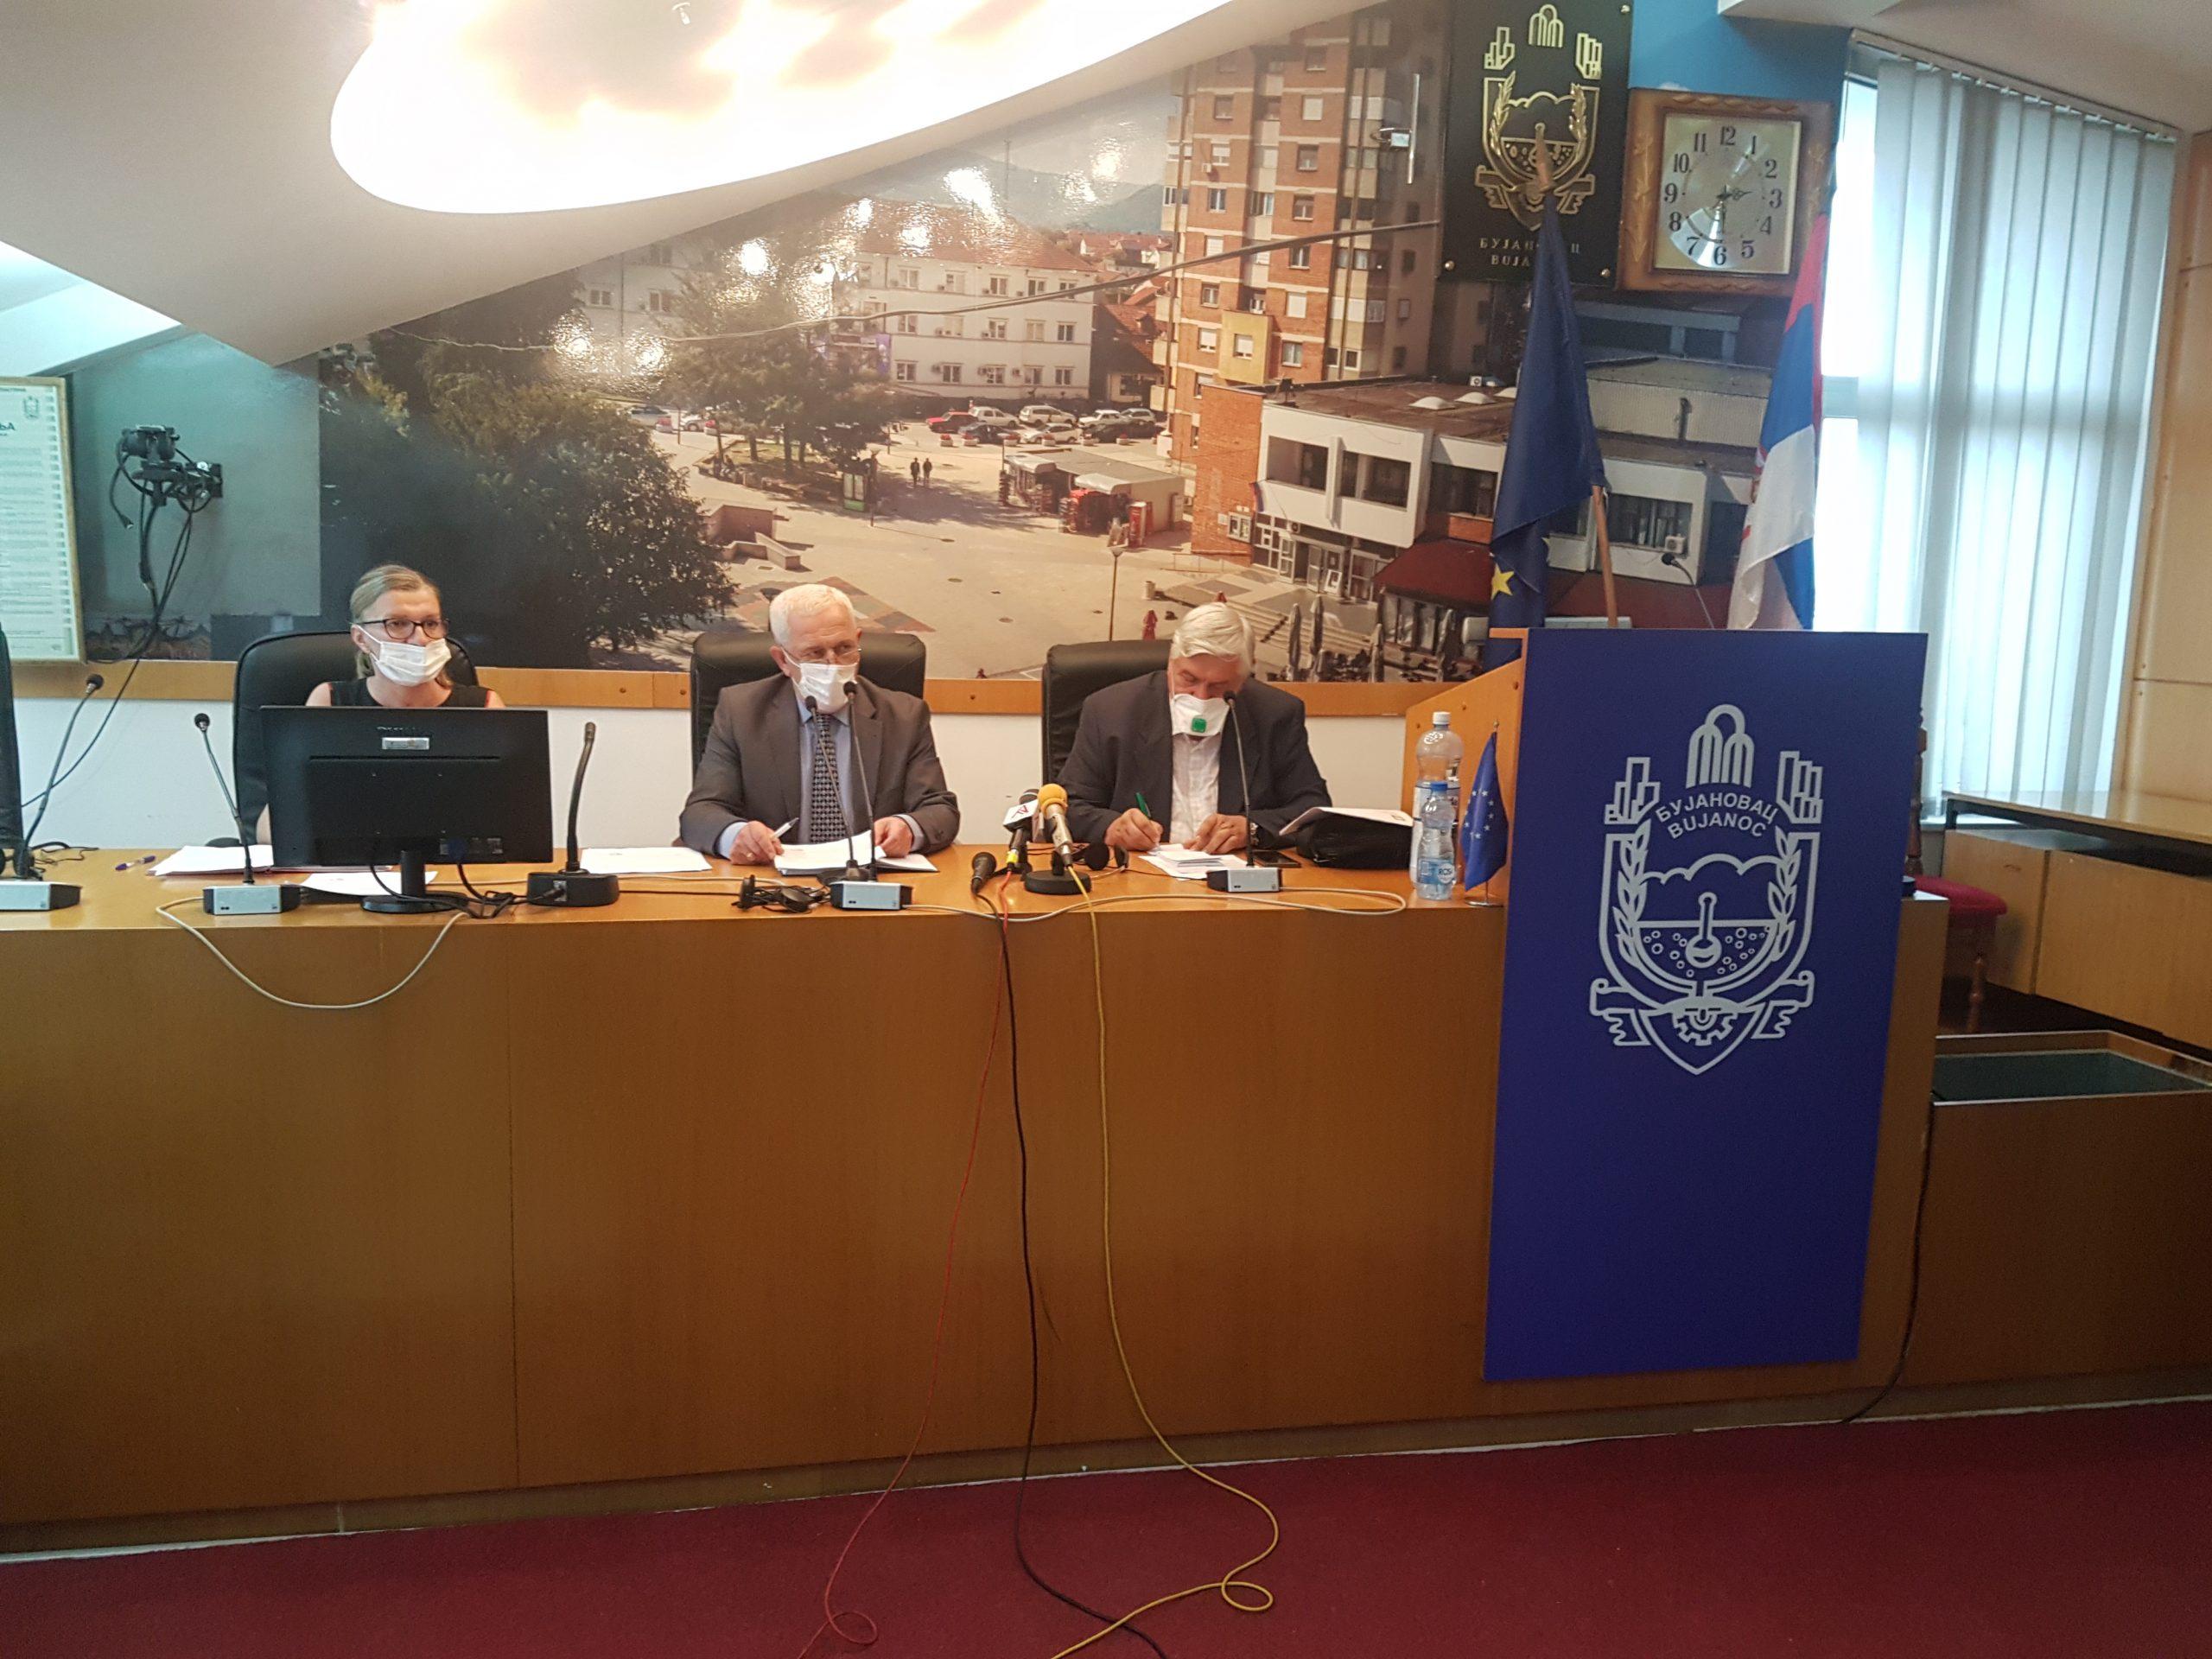 Epidemiologu Tiodoroviq: Gjendja në Bujanoc dhe Preshevë shumë e paqartë, në Bujanoc 12 të vdekur nga korona